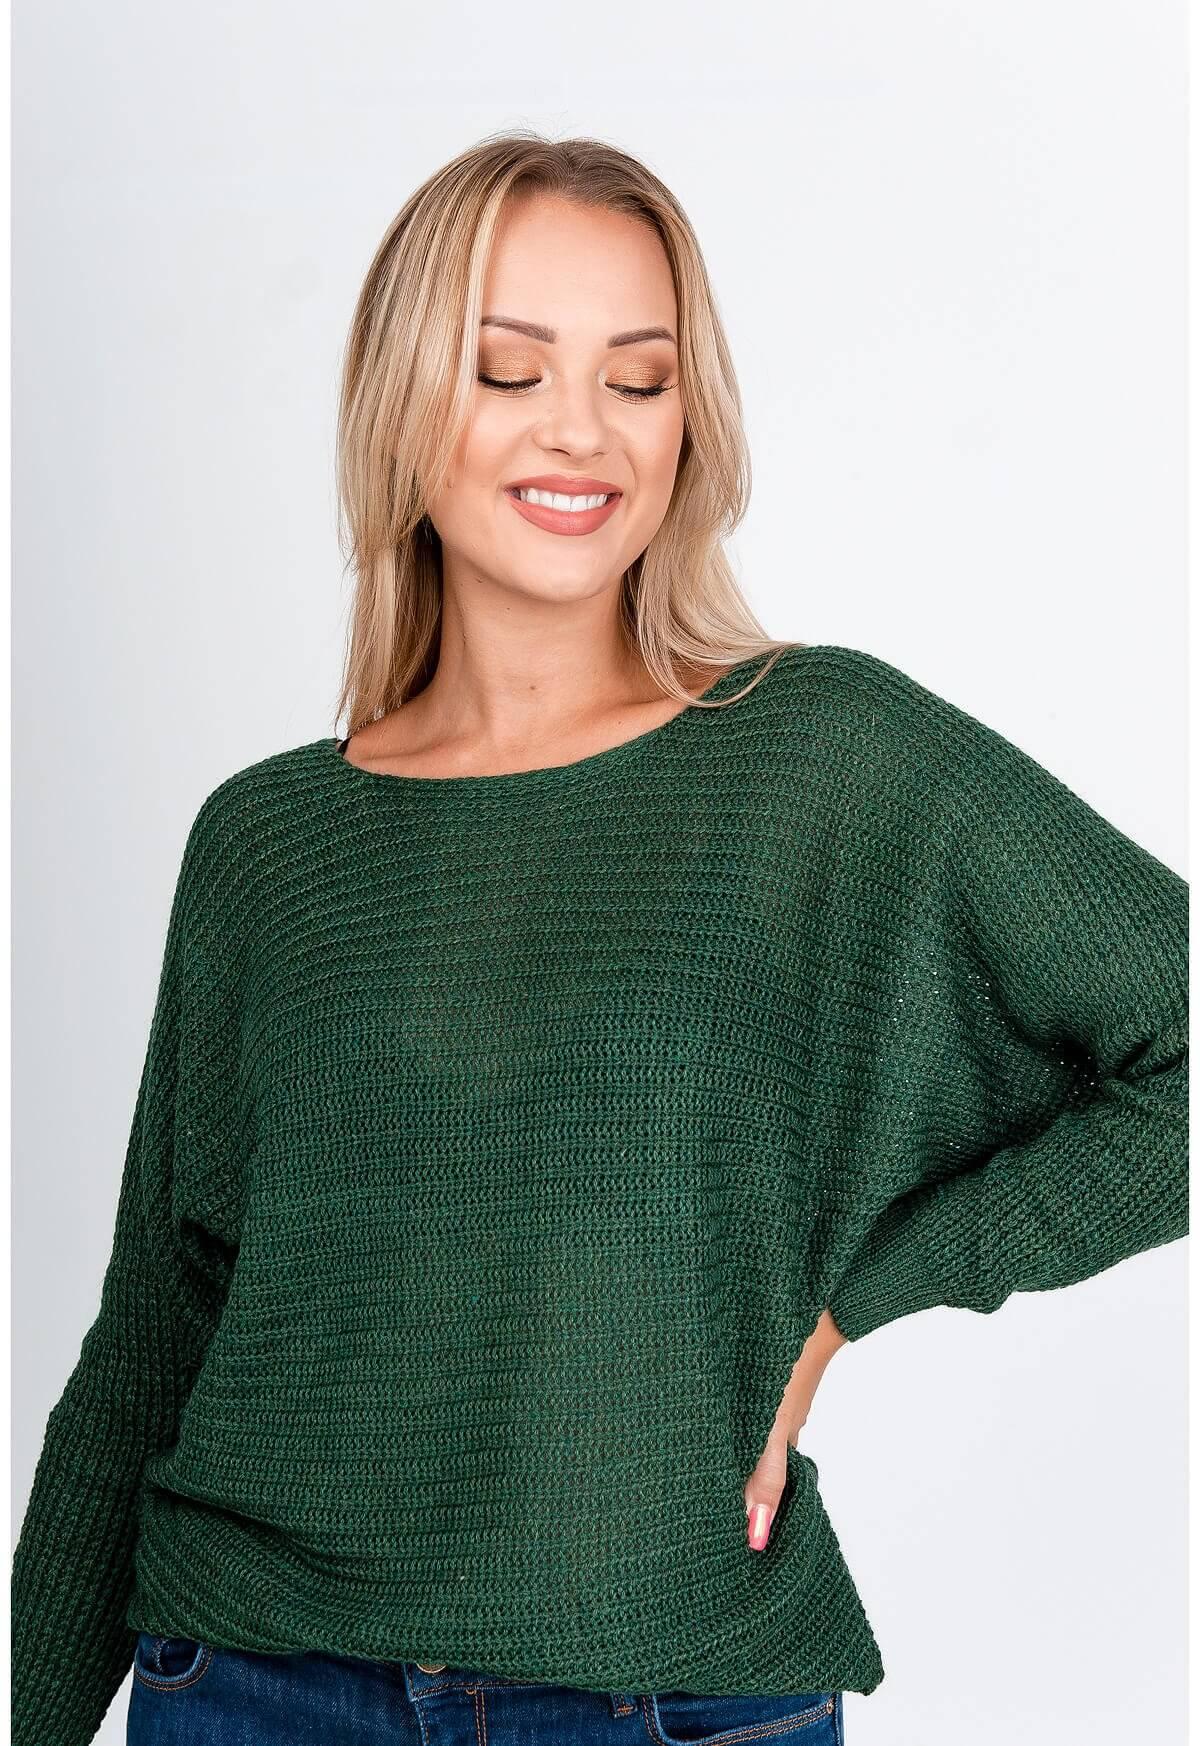 Kaki oversize sveter s okrúhlym výstrihom